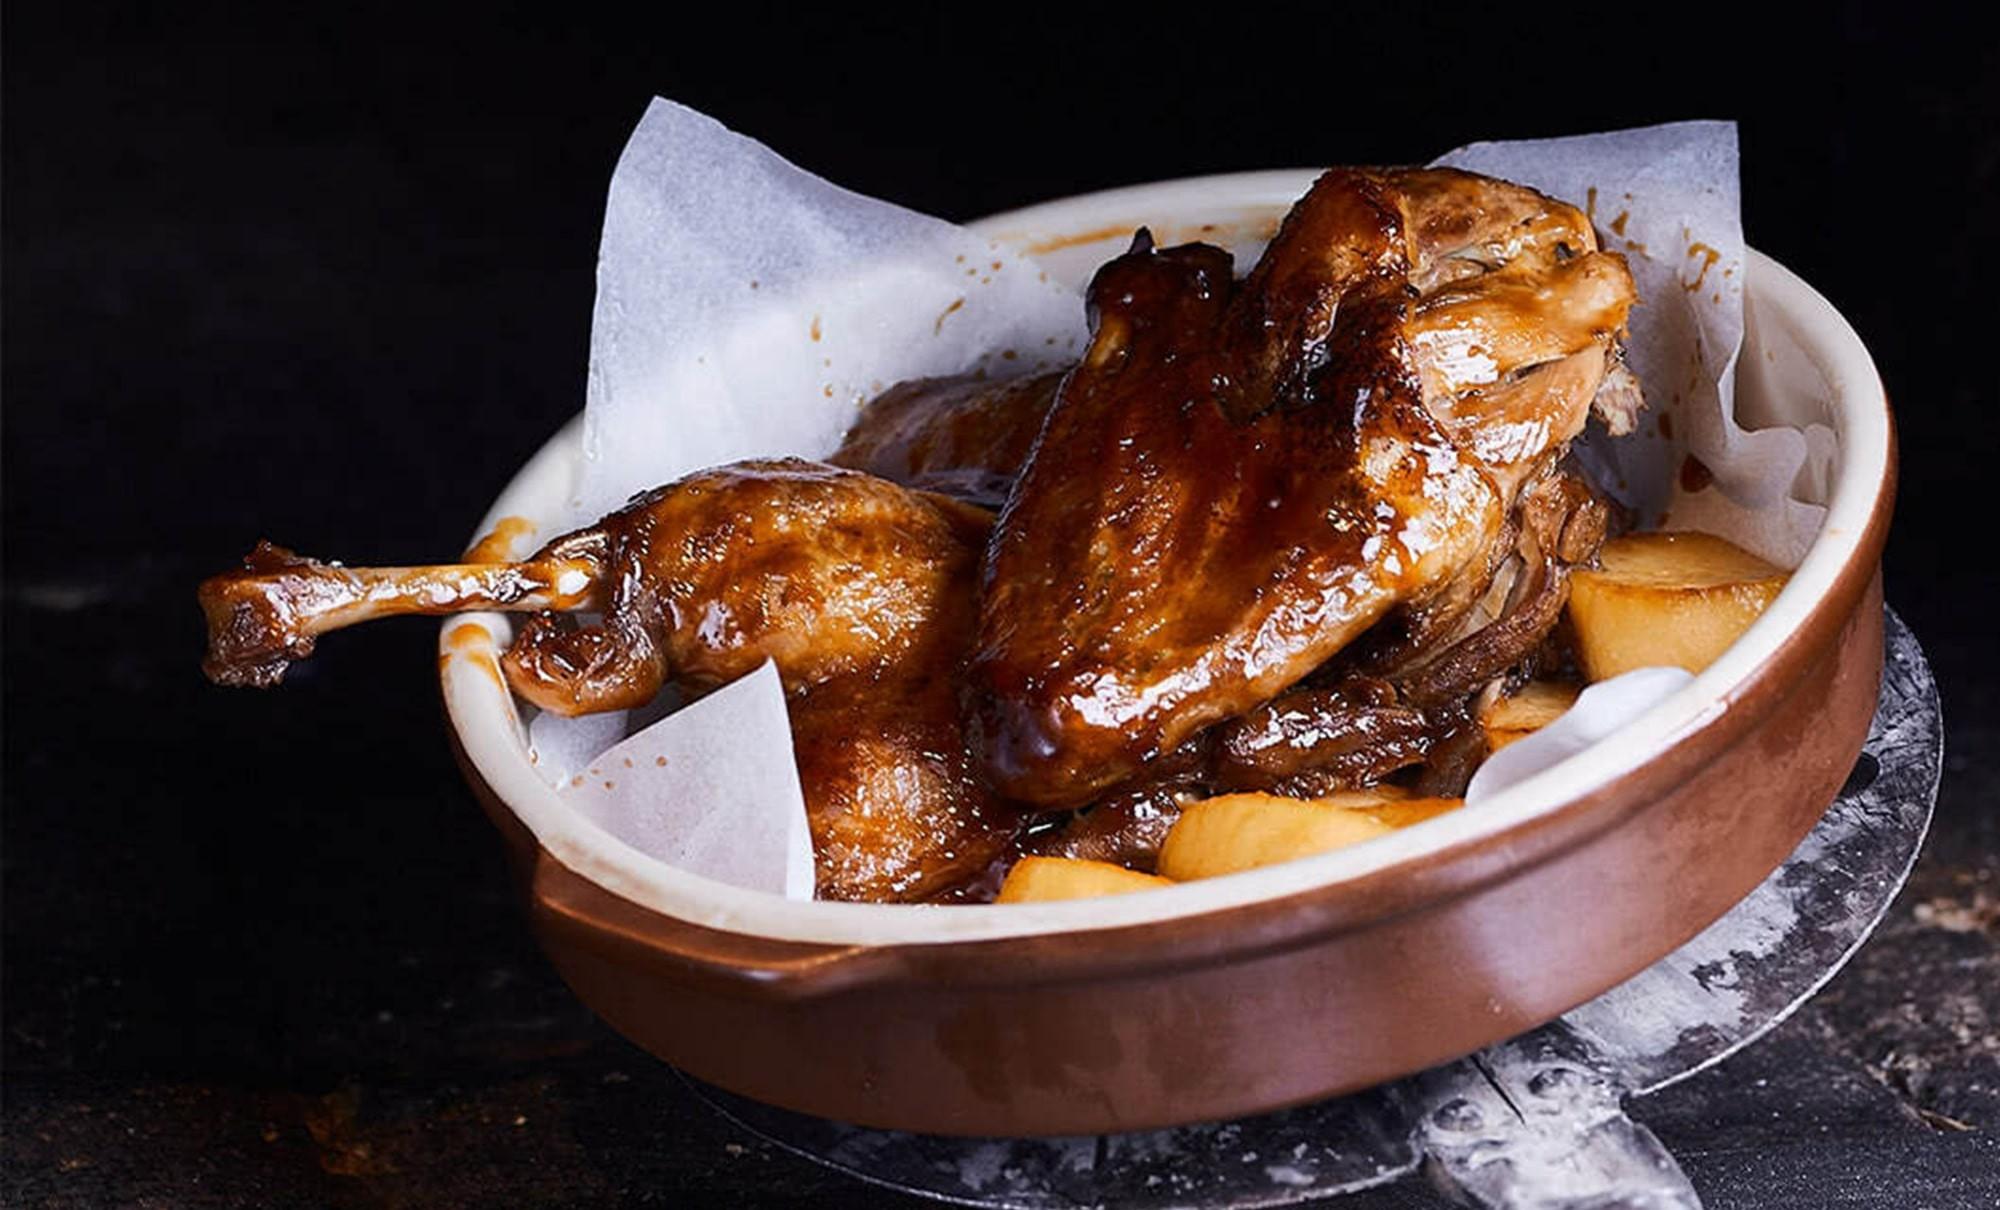 томленая фермерская утка с медовыми яблоками в ресторане Веранда